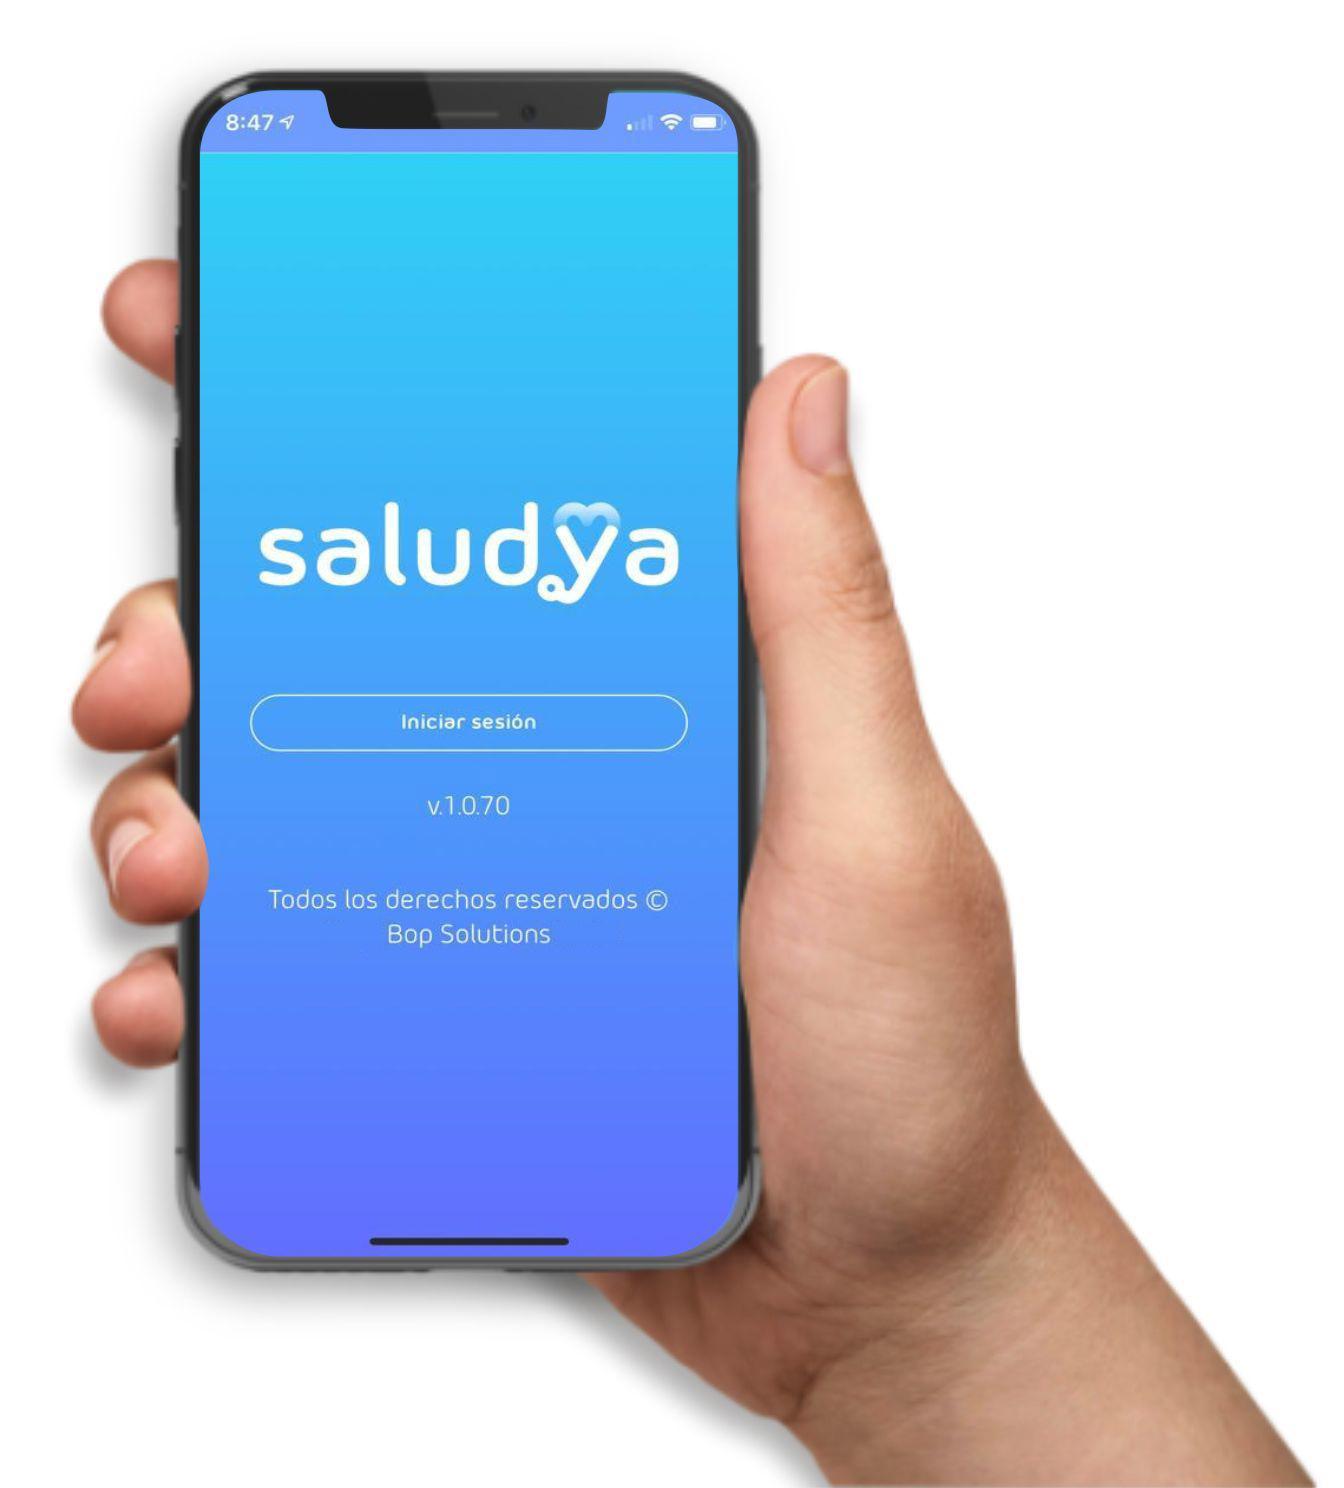 Presentan SaludYa nueva app de asistencia médica a distancia